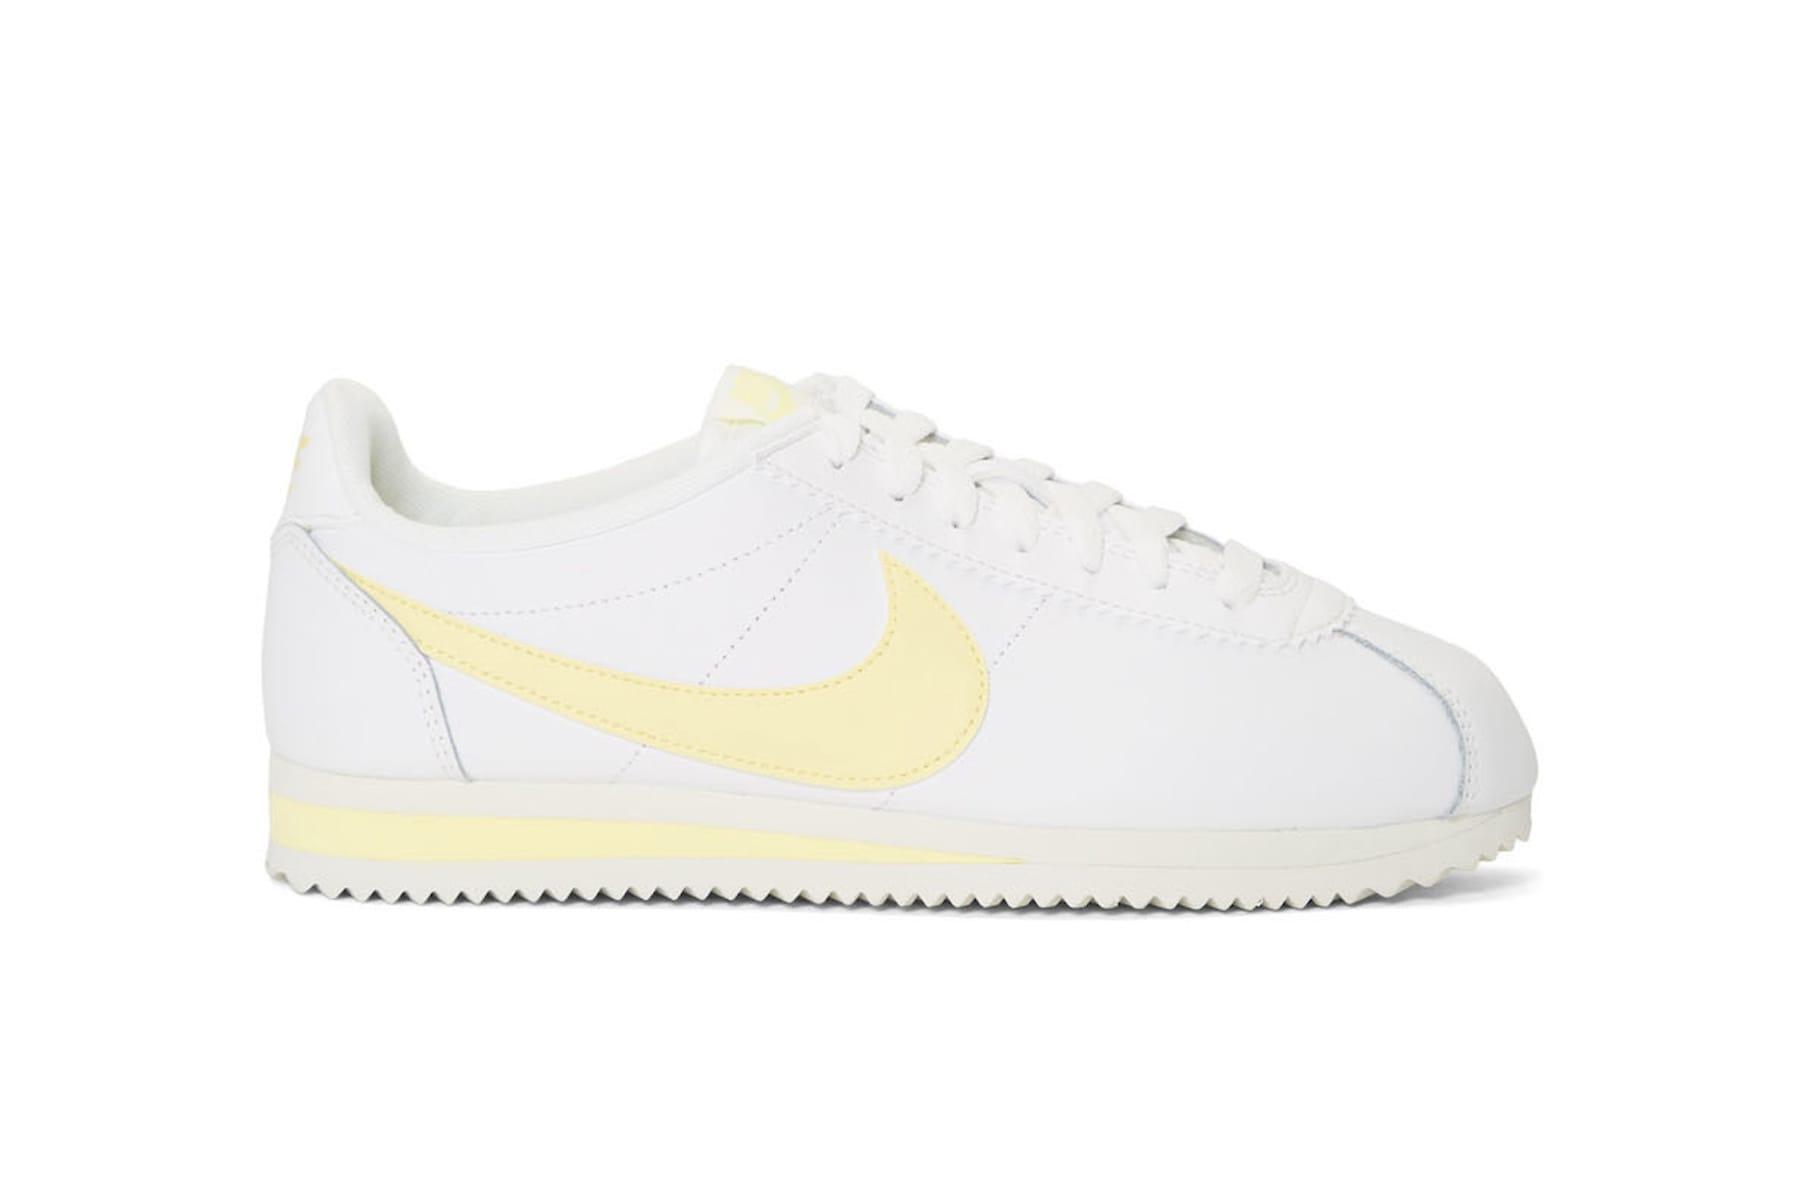 Nike Cortez in Pastel Yellow White